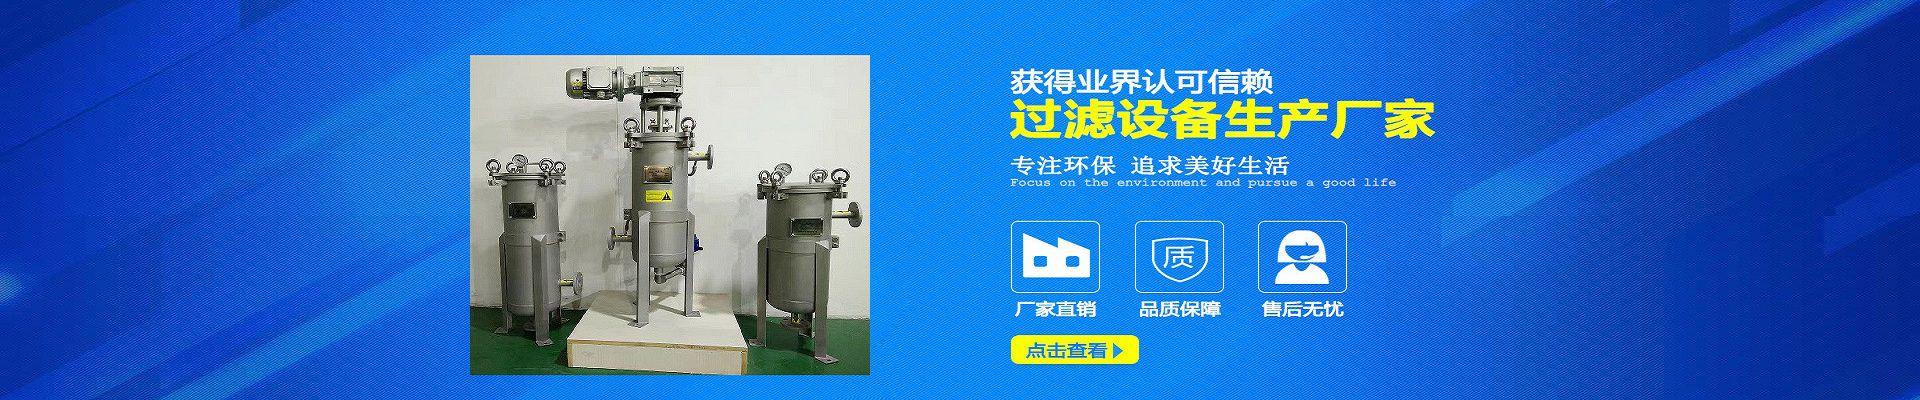 上海奕卿过滤科技有限公司